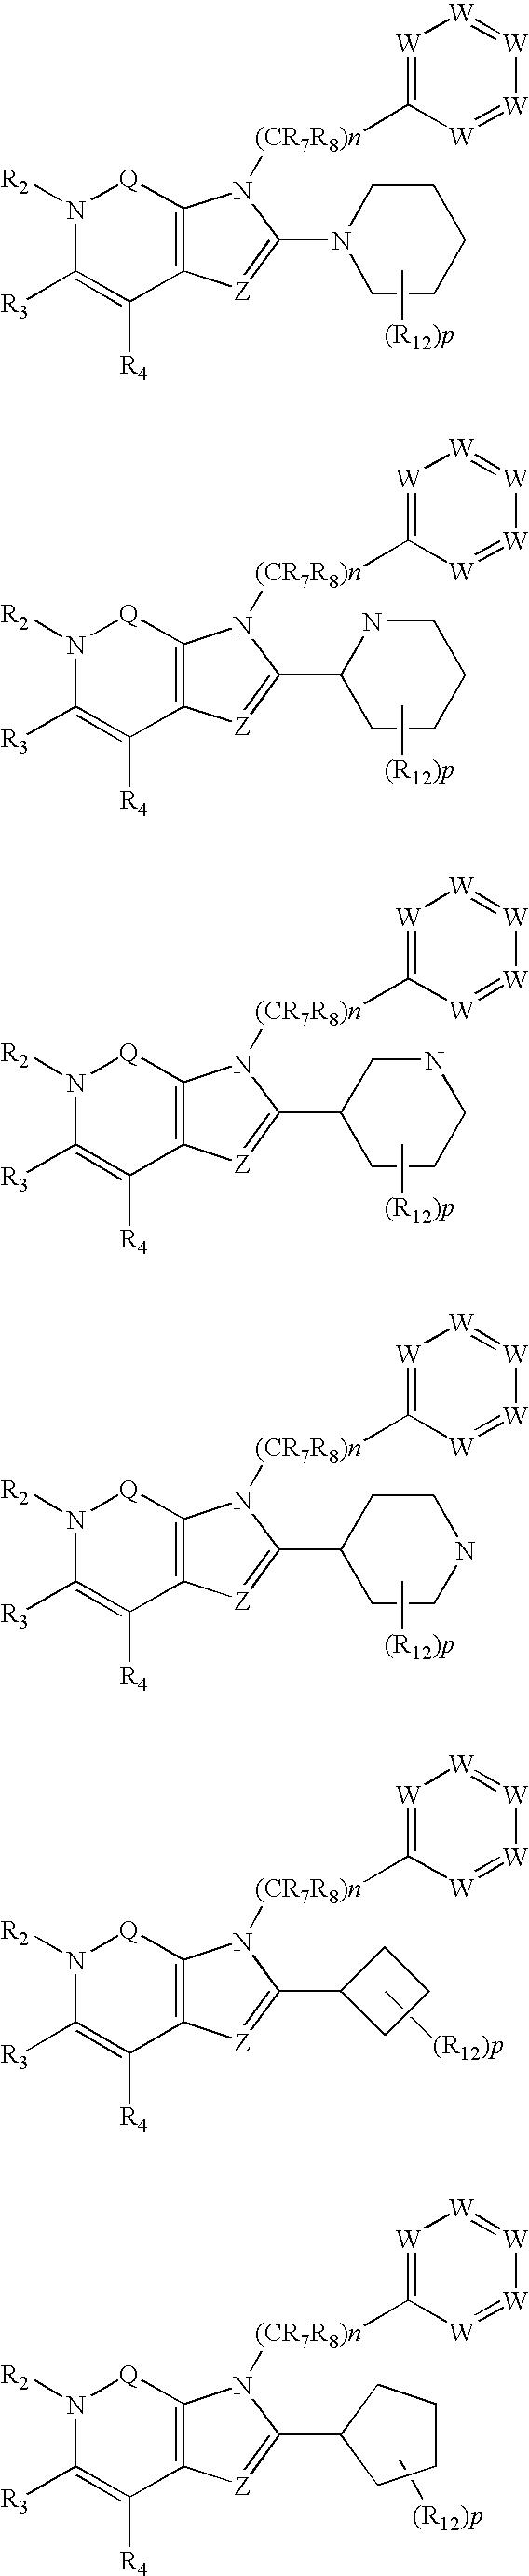 Figure US07169926-20070130-C00016